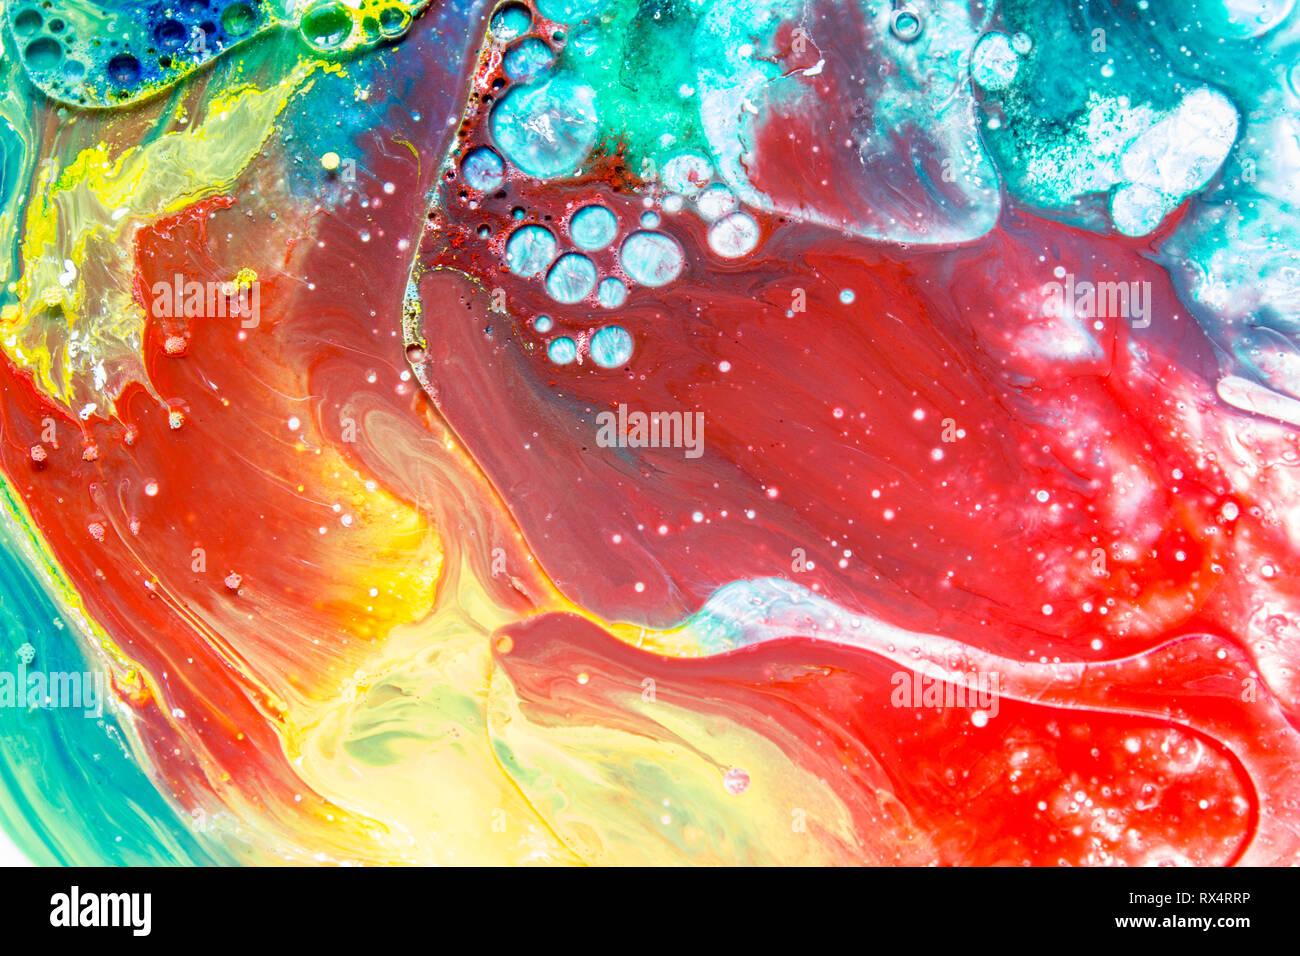 Burbuja de coloridas pinturas acrílicas, coloridos gotas de pintura abstracta, fondo de colores Foto de stock